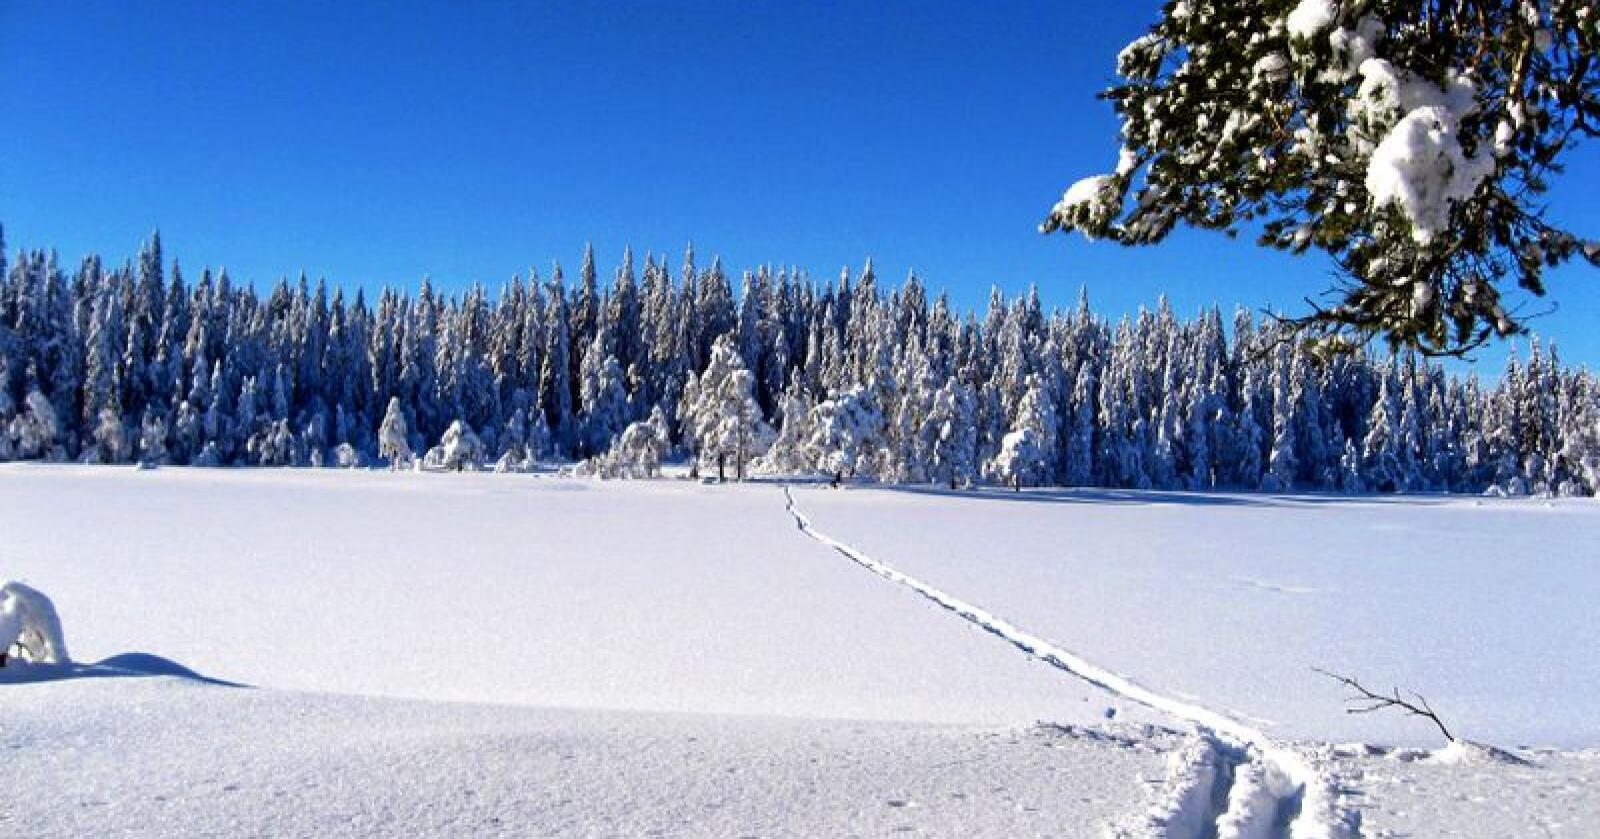 Gratis: 99,9 prosent av Norge lar seg besøke med ski. Foto: Erik Vestgård